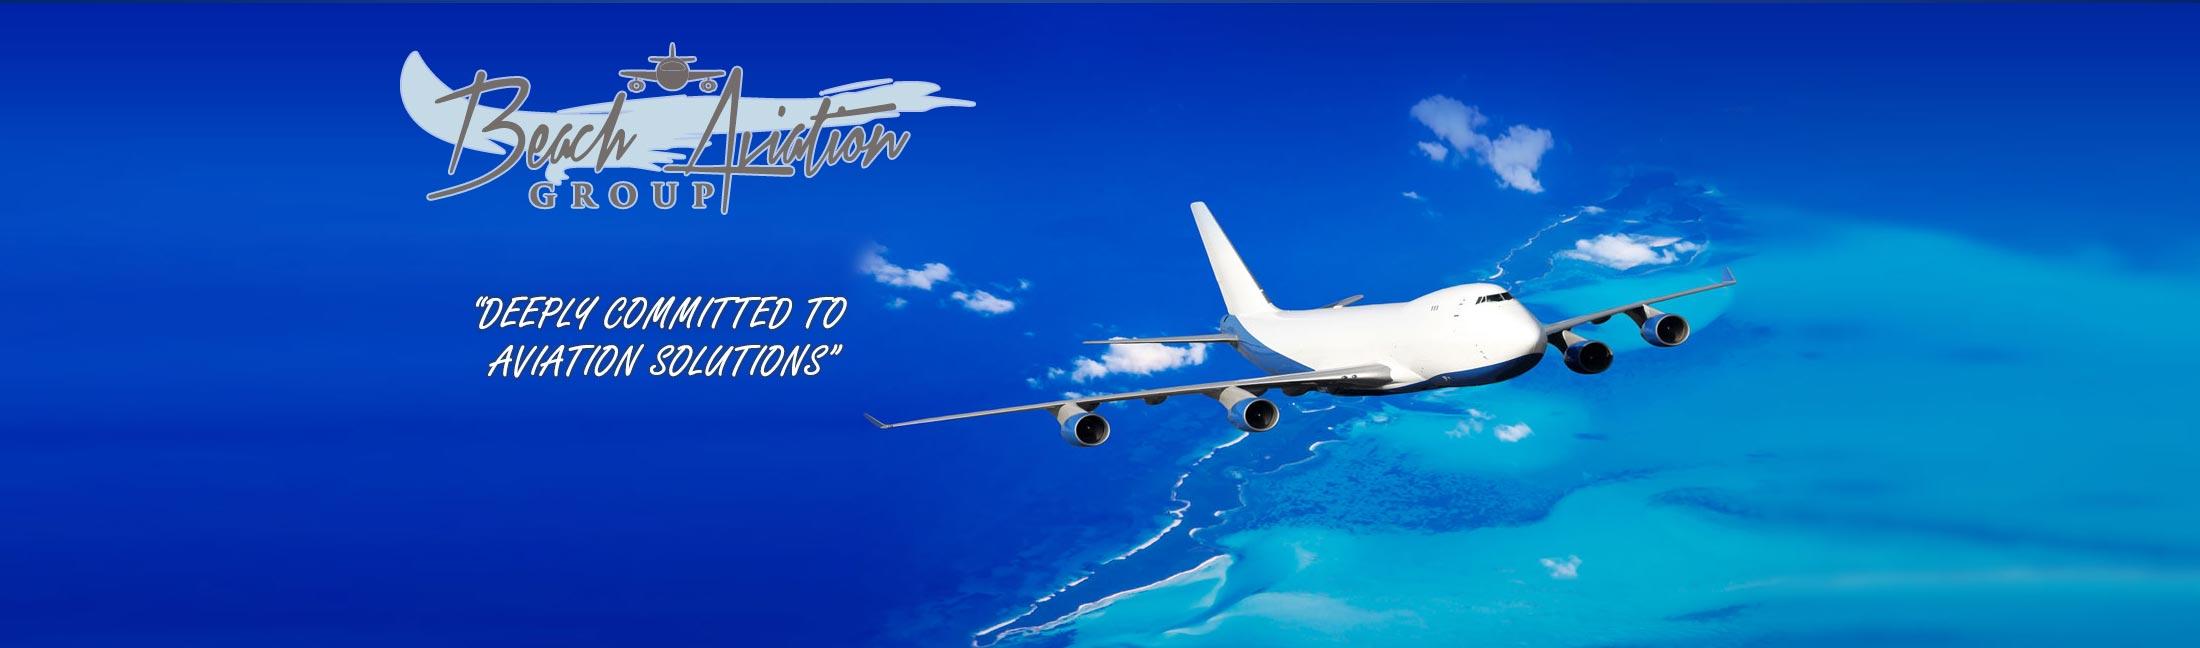 AircraftAirframeComponentsslide8a